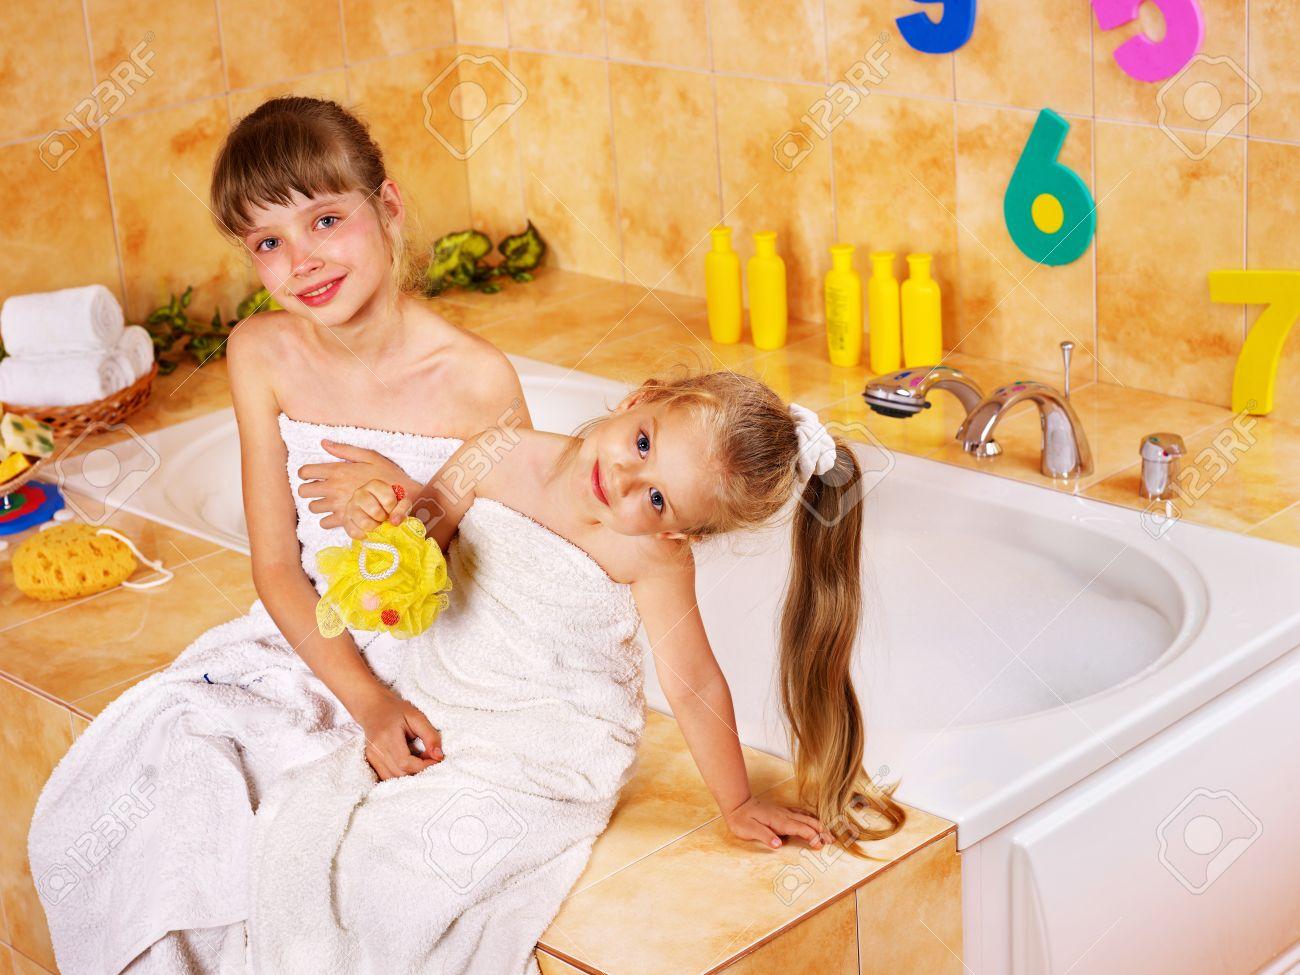 Трахает сын маму в ванной фото, в ванной с мамой - порно фото поиск 29 фотография